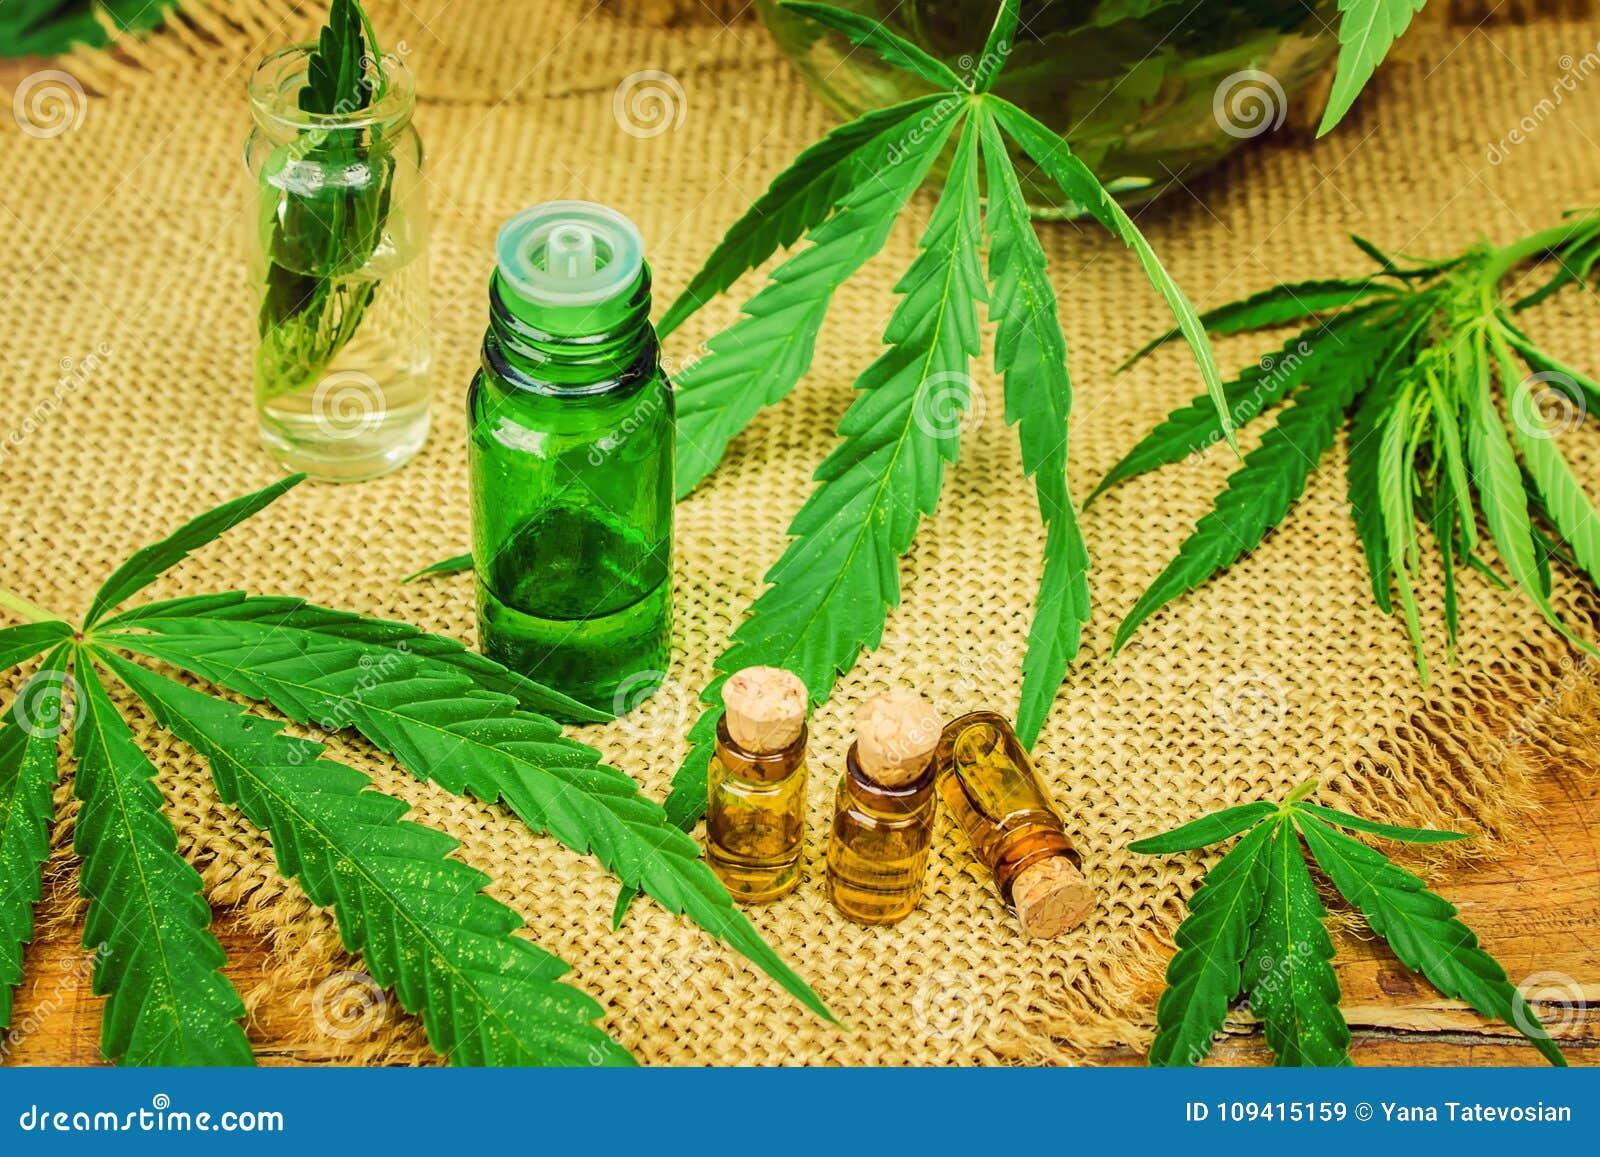 Отвар с конопли марихуана полезная или нет видео